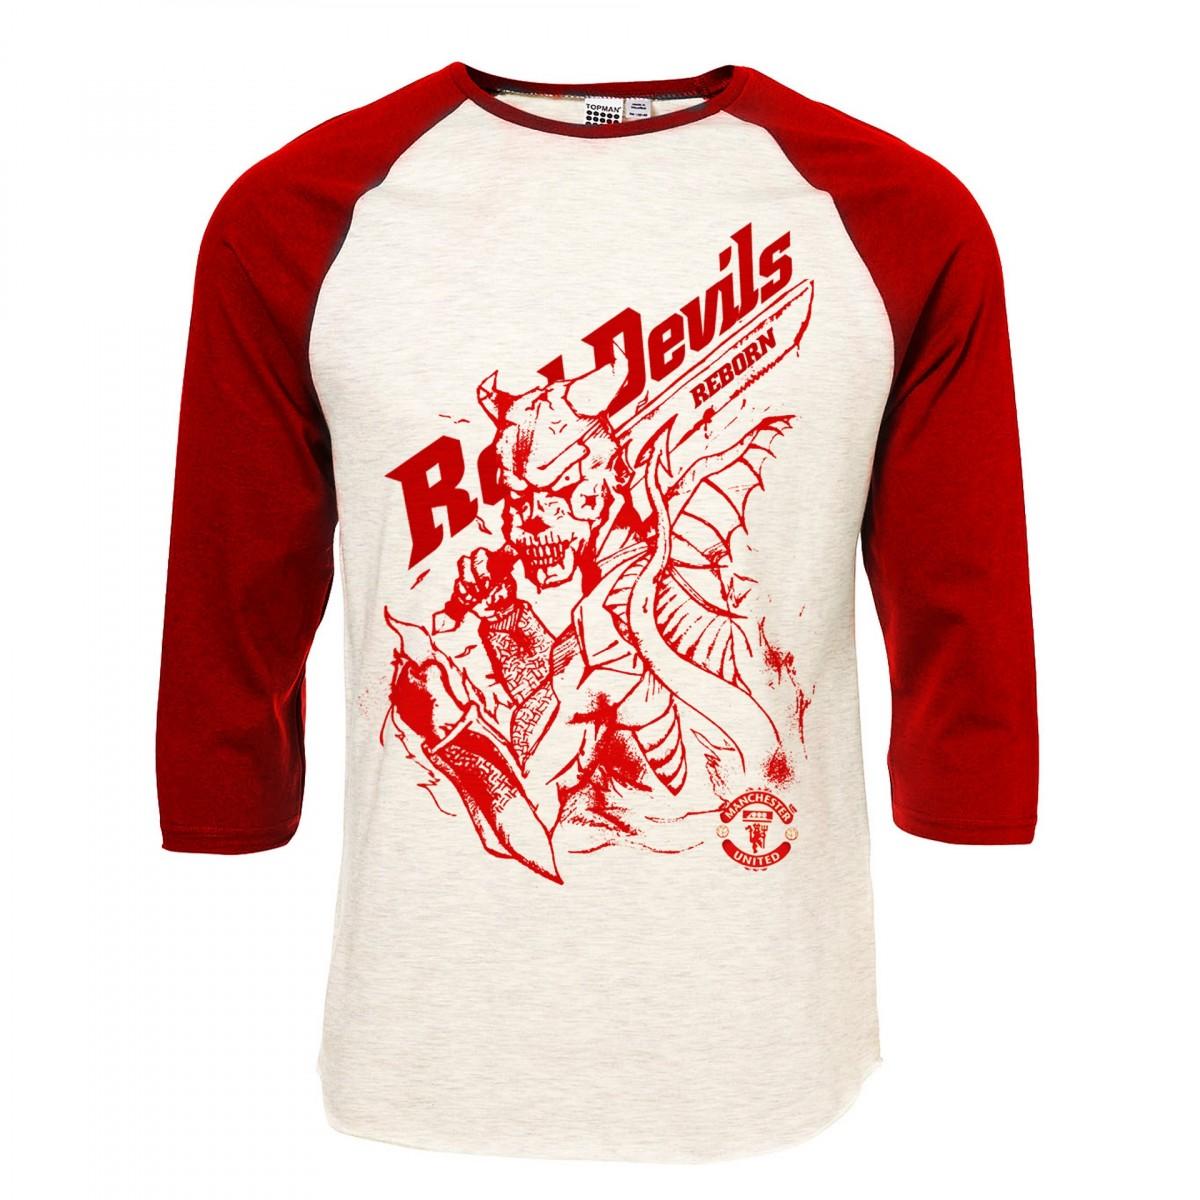 Free Images : tshirt, clothing, sweatshirt, brand, font ...